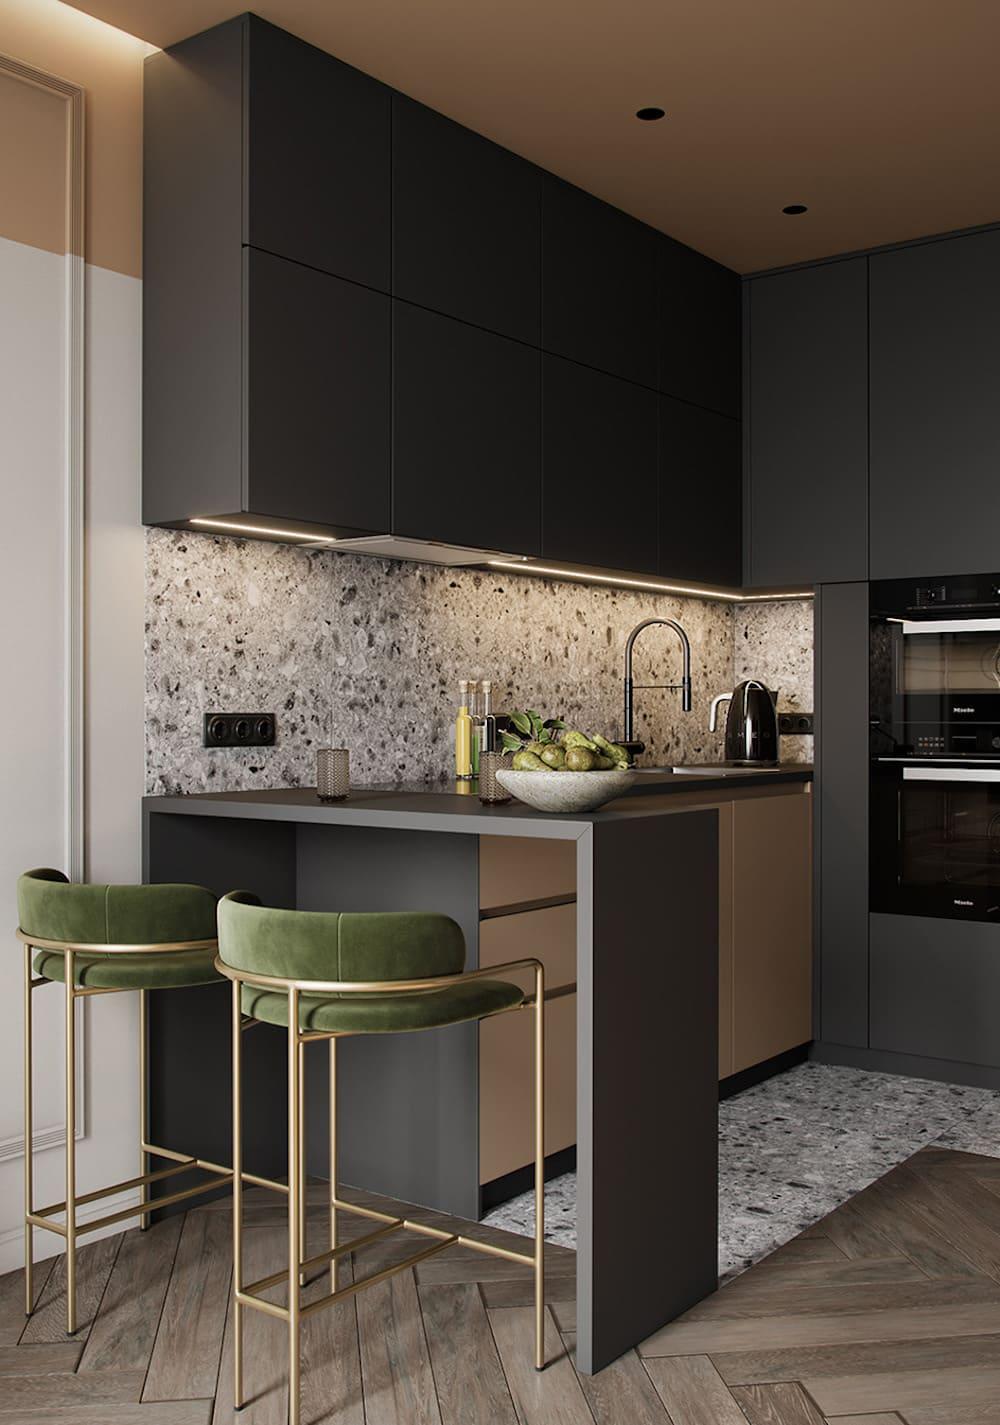 дизайн кухни в современном стиле фото 10